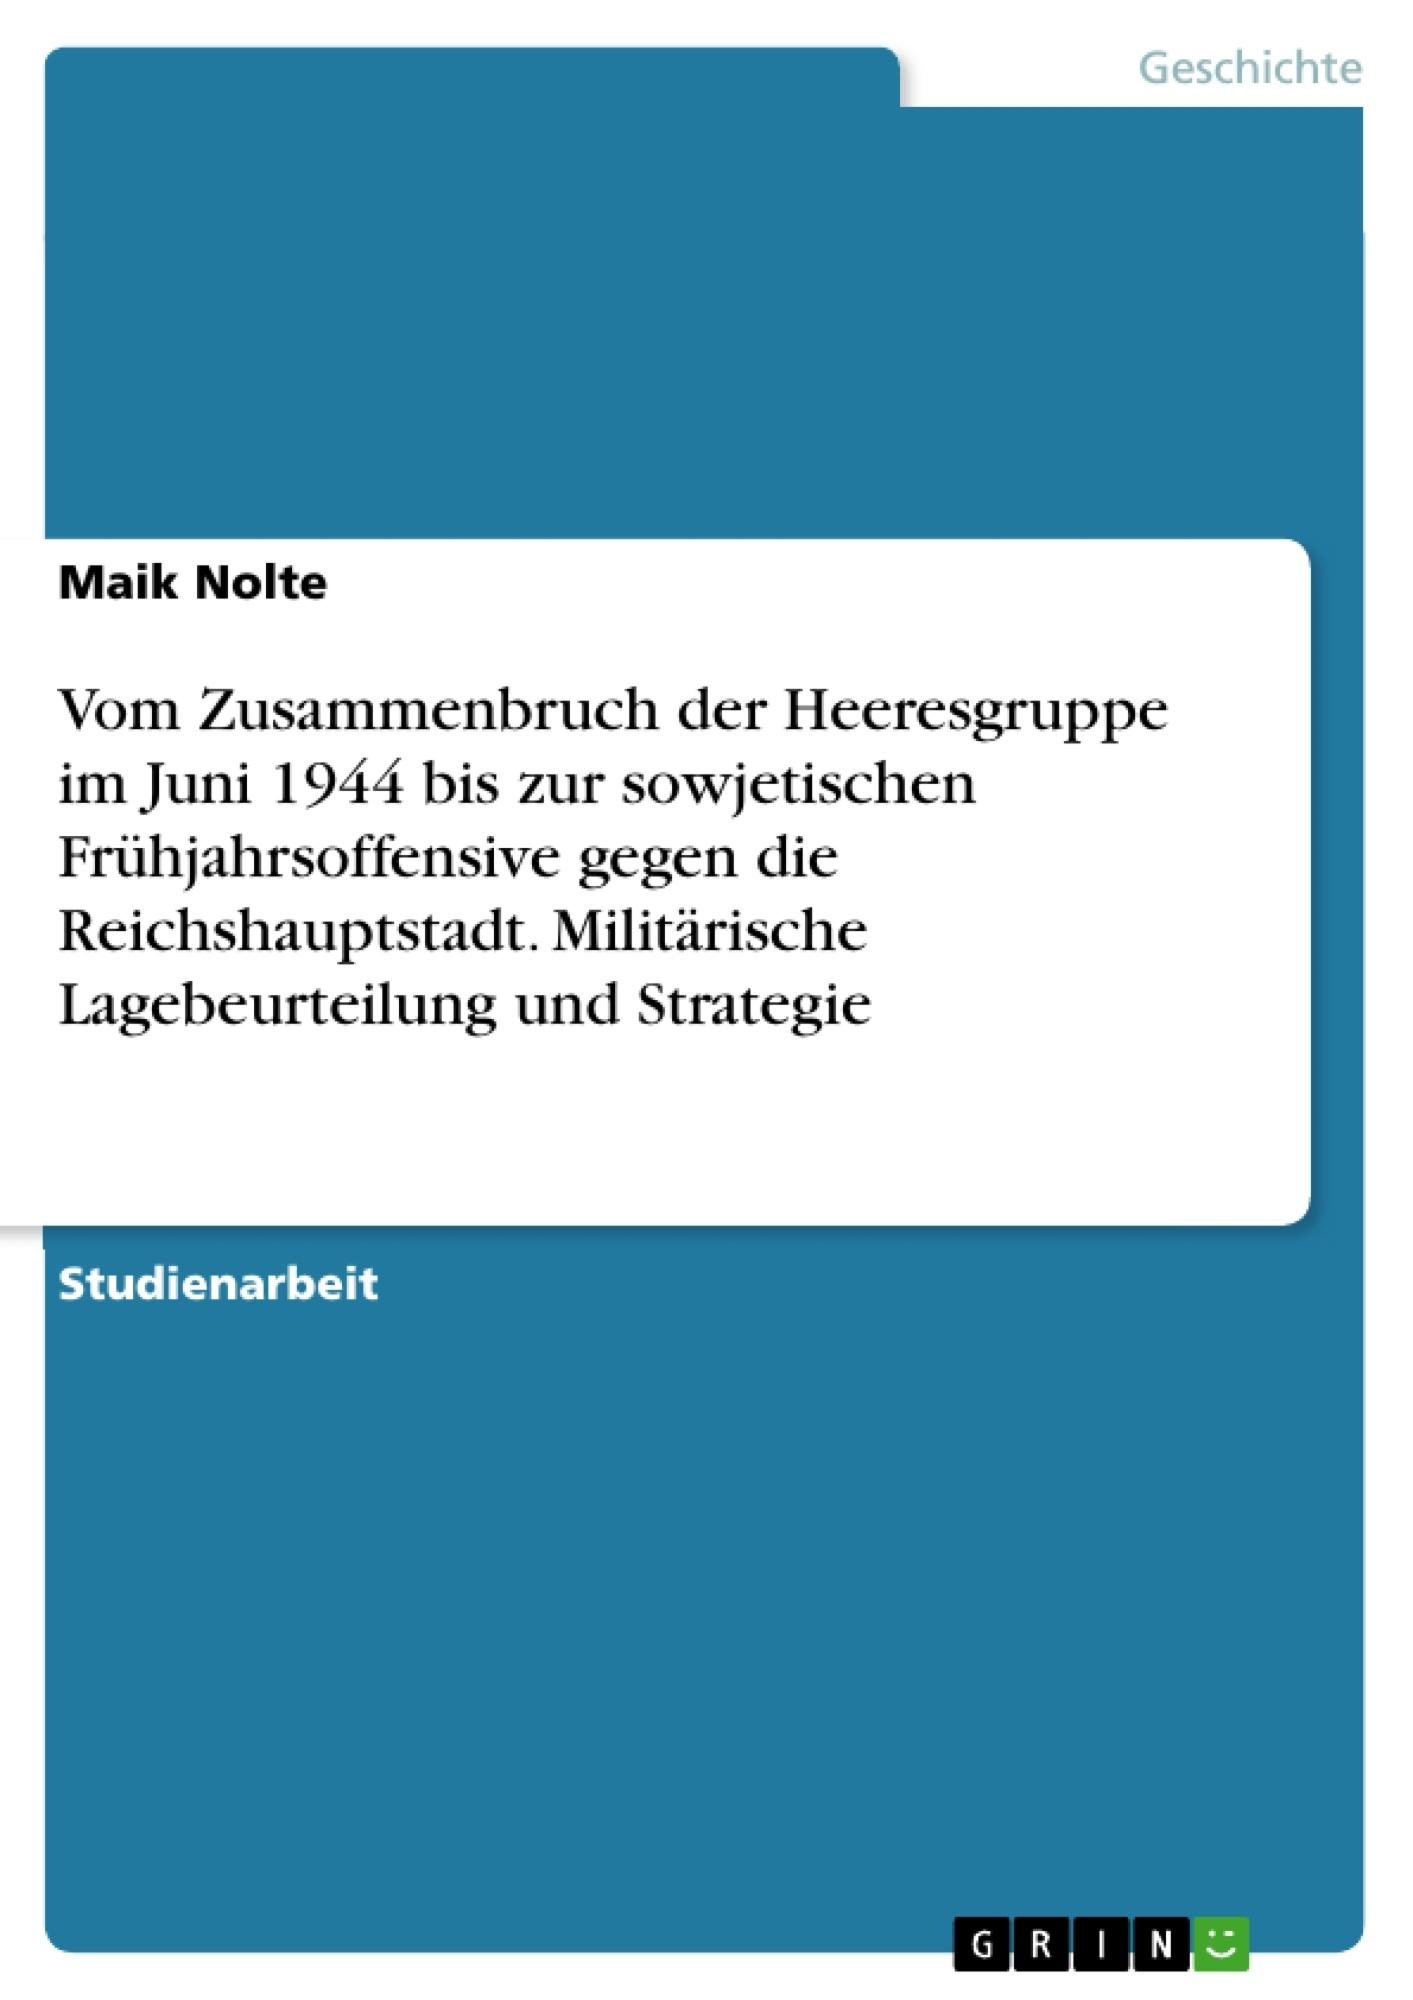 Titel: Vom Zusammenbruch der Heeresgruppe im Juni 1944 bis zur sowjetischen Frühjahrsoffensive gegen die Reichshauptstadt. Militärische Lagebeurteilung und Strategie